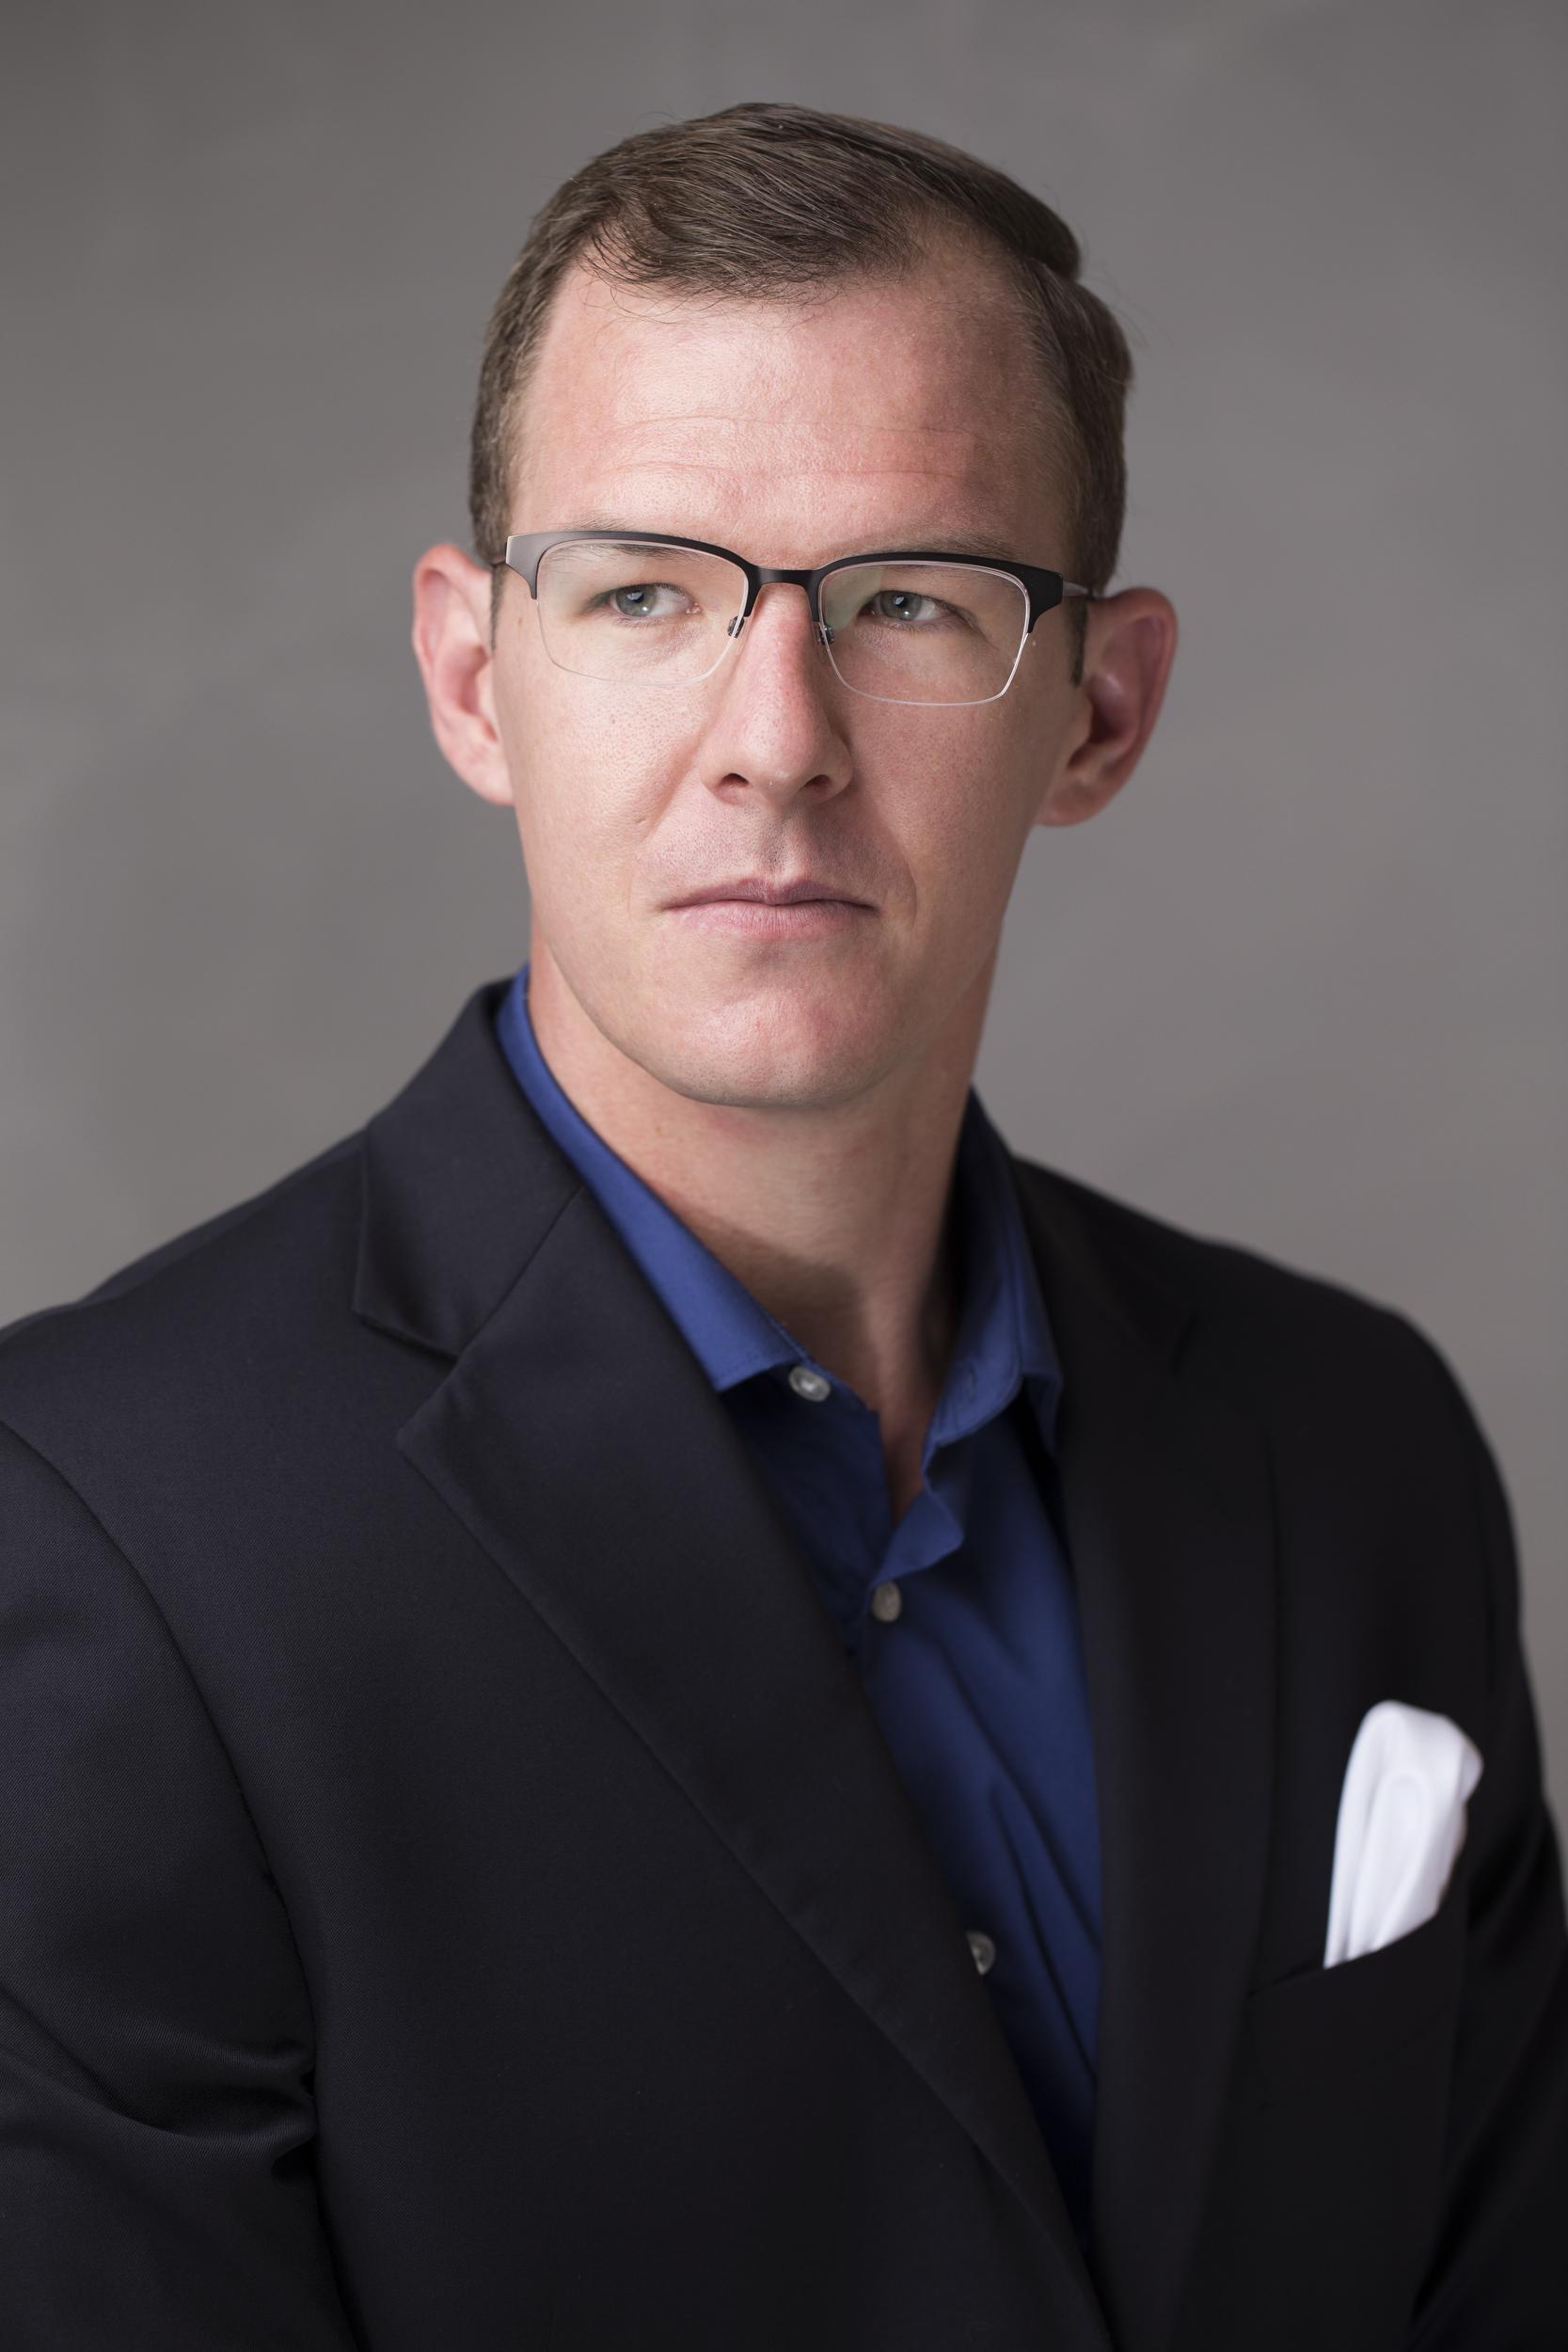 Travis L Scholten